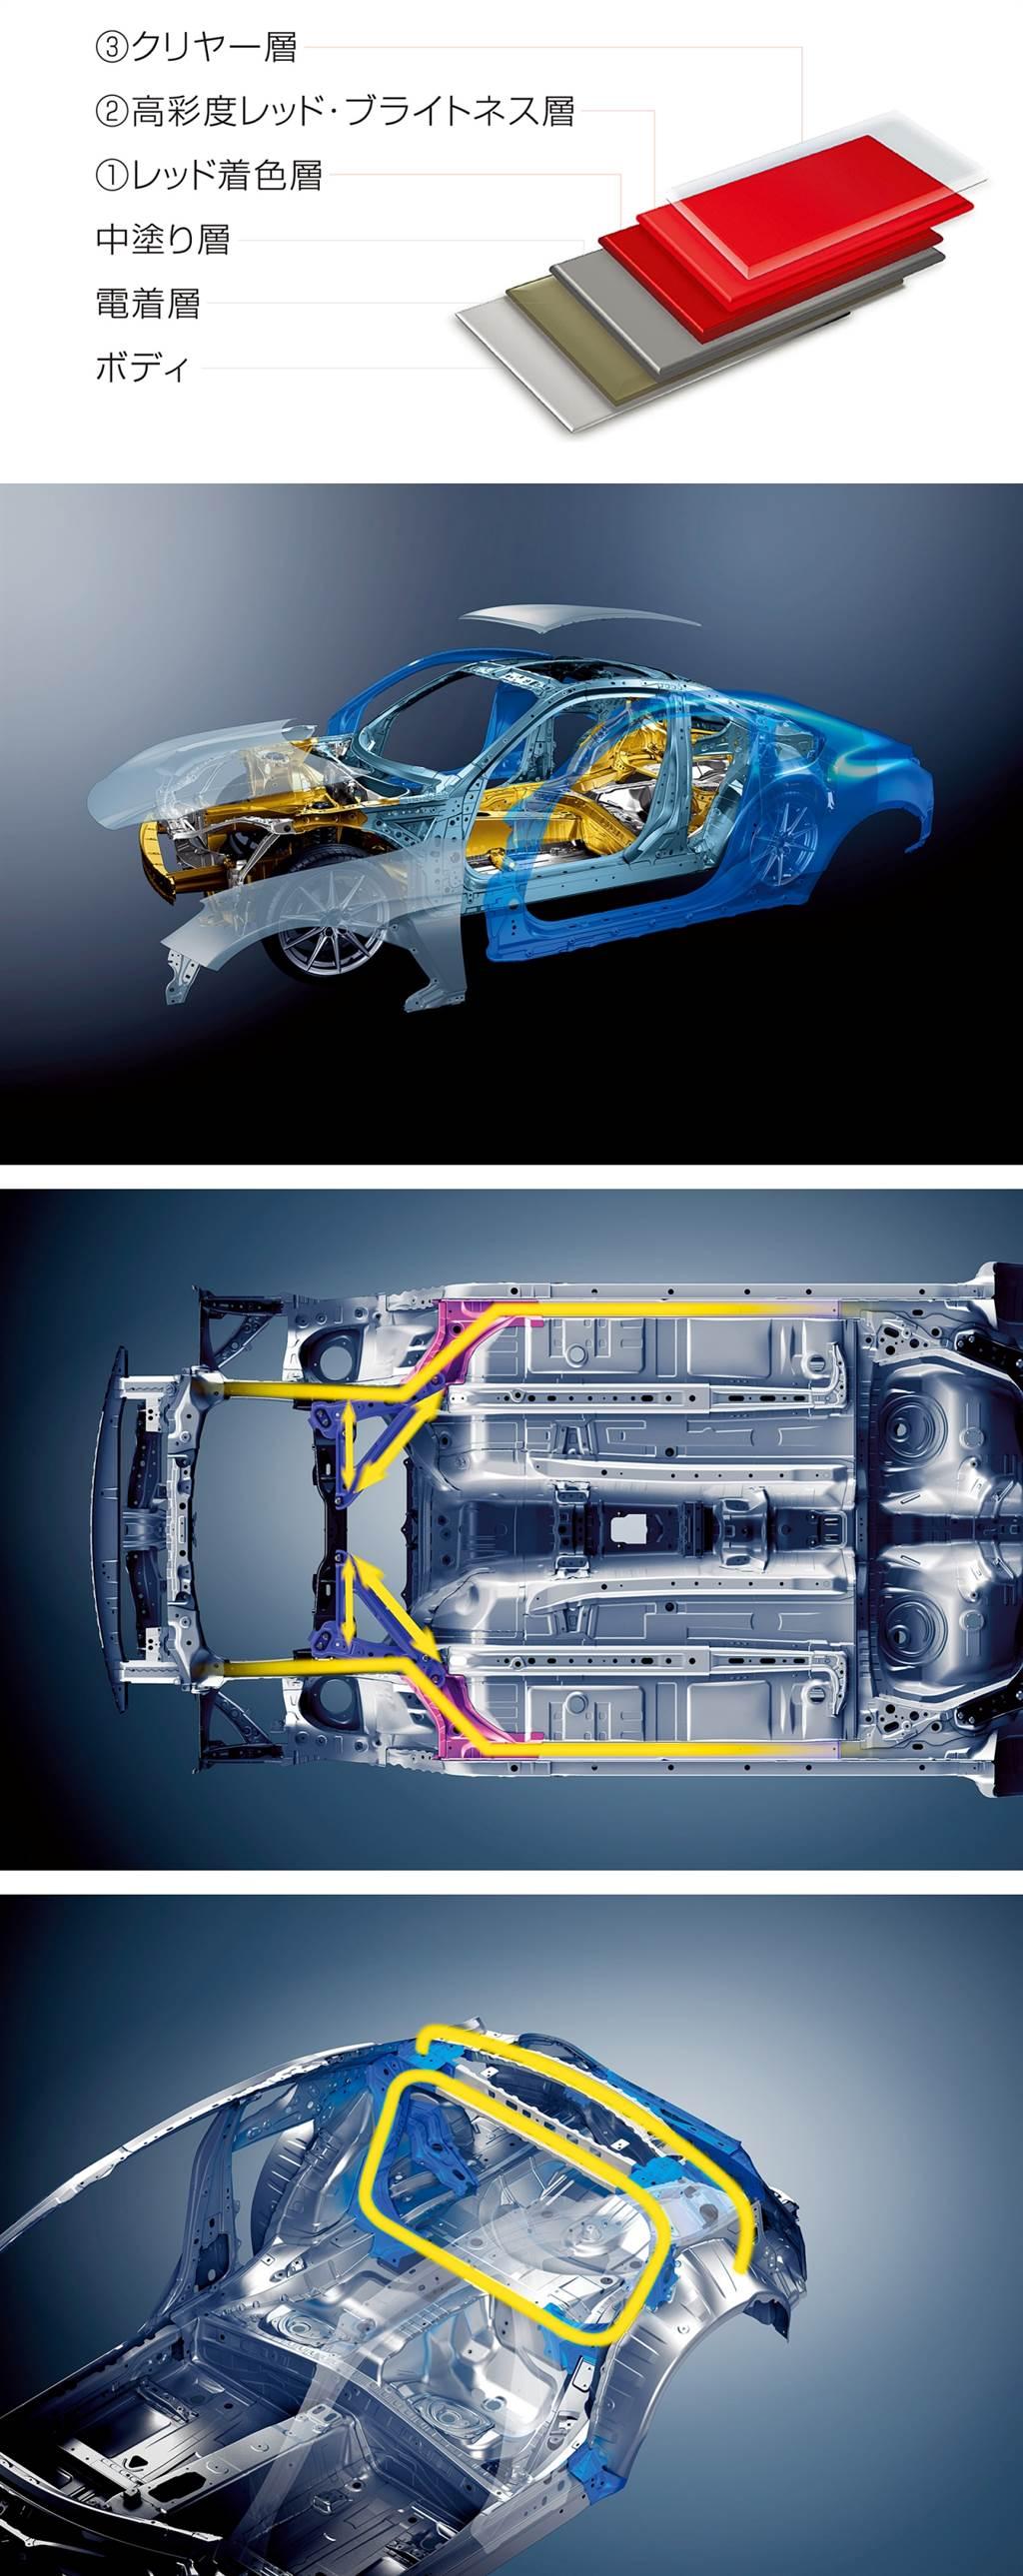 任何人都可以享受的「Pure Sports Car」,Subaru BRZ 第二世代日本正式發售!